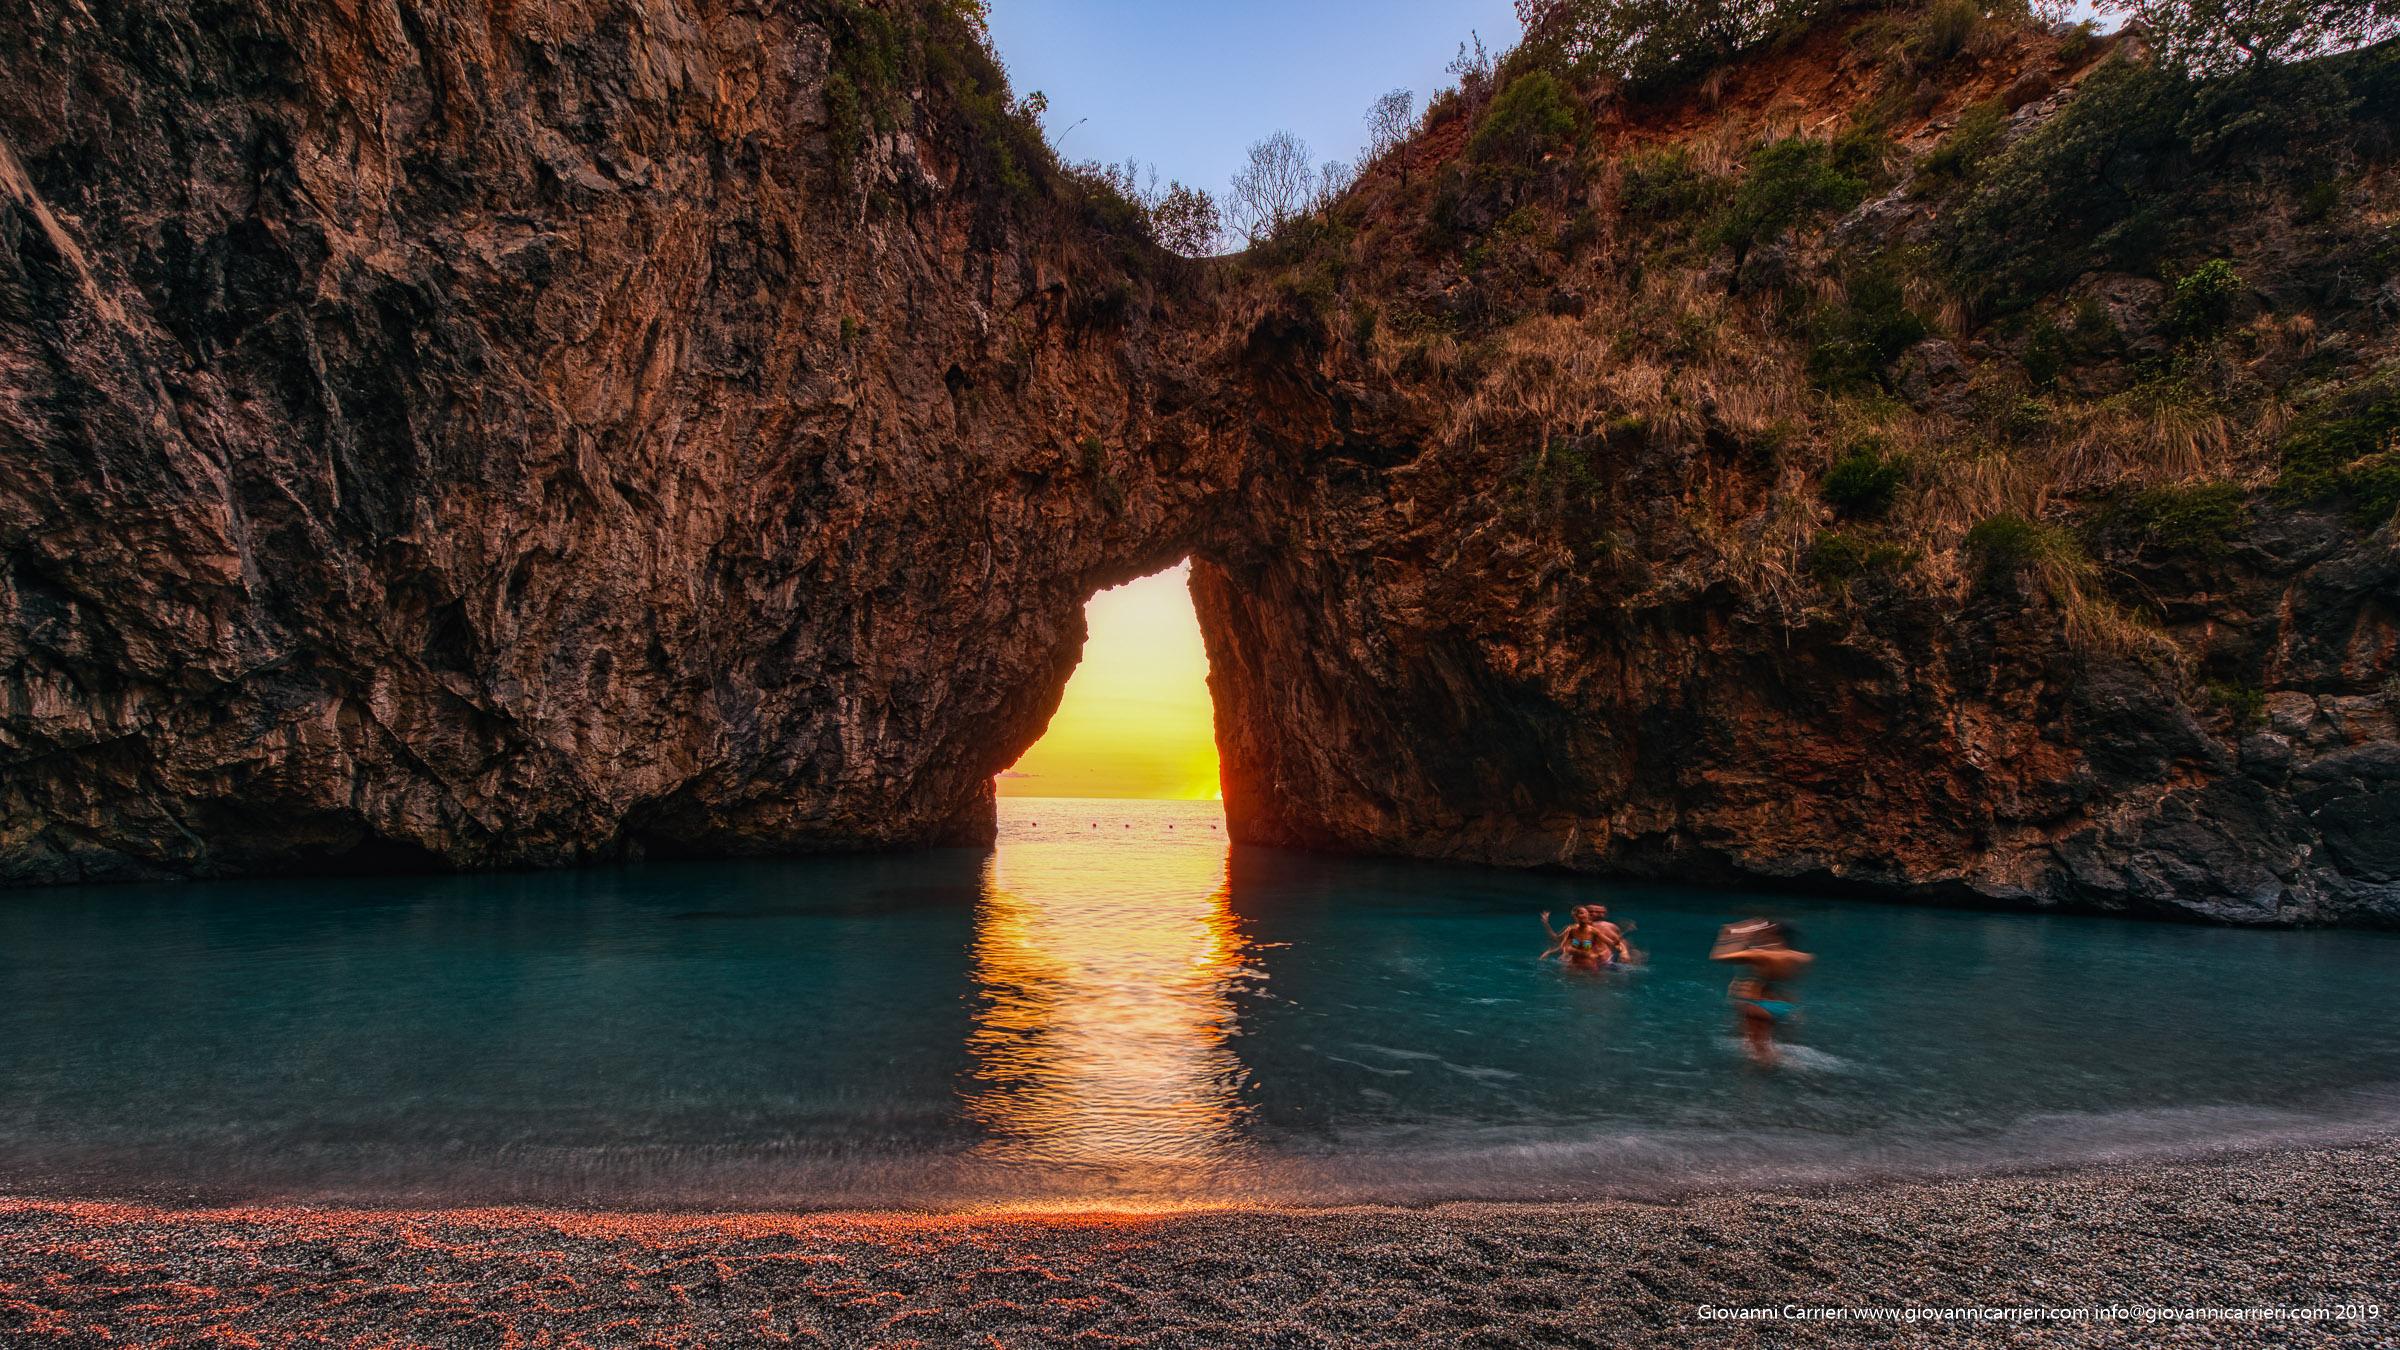 La spiaggia dell'Arcomagno al tramonto